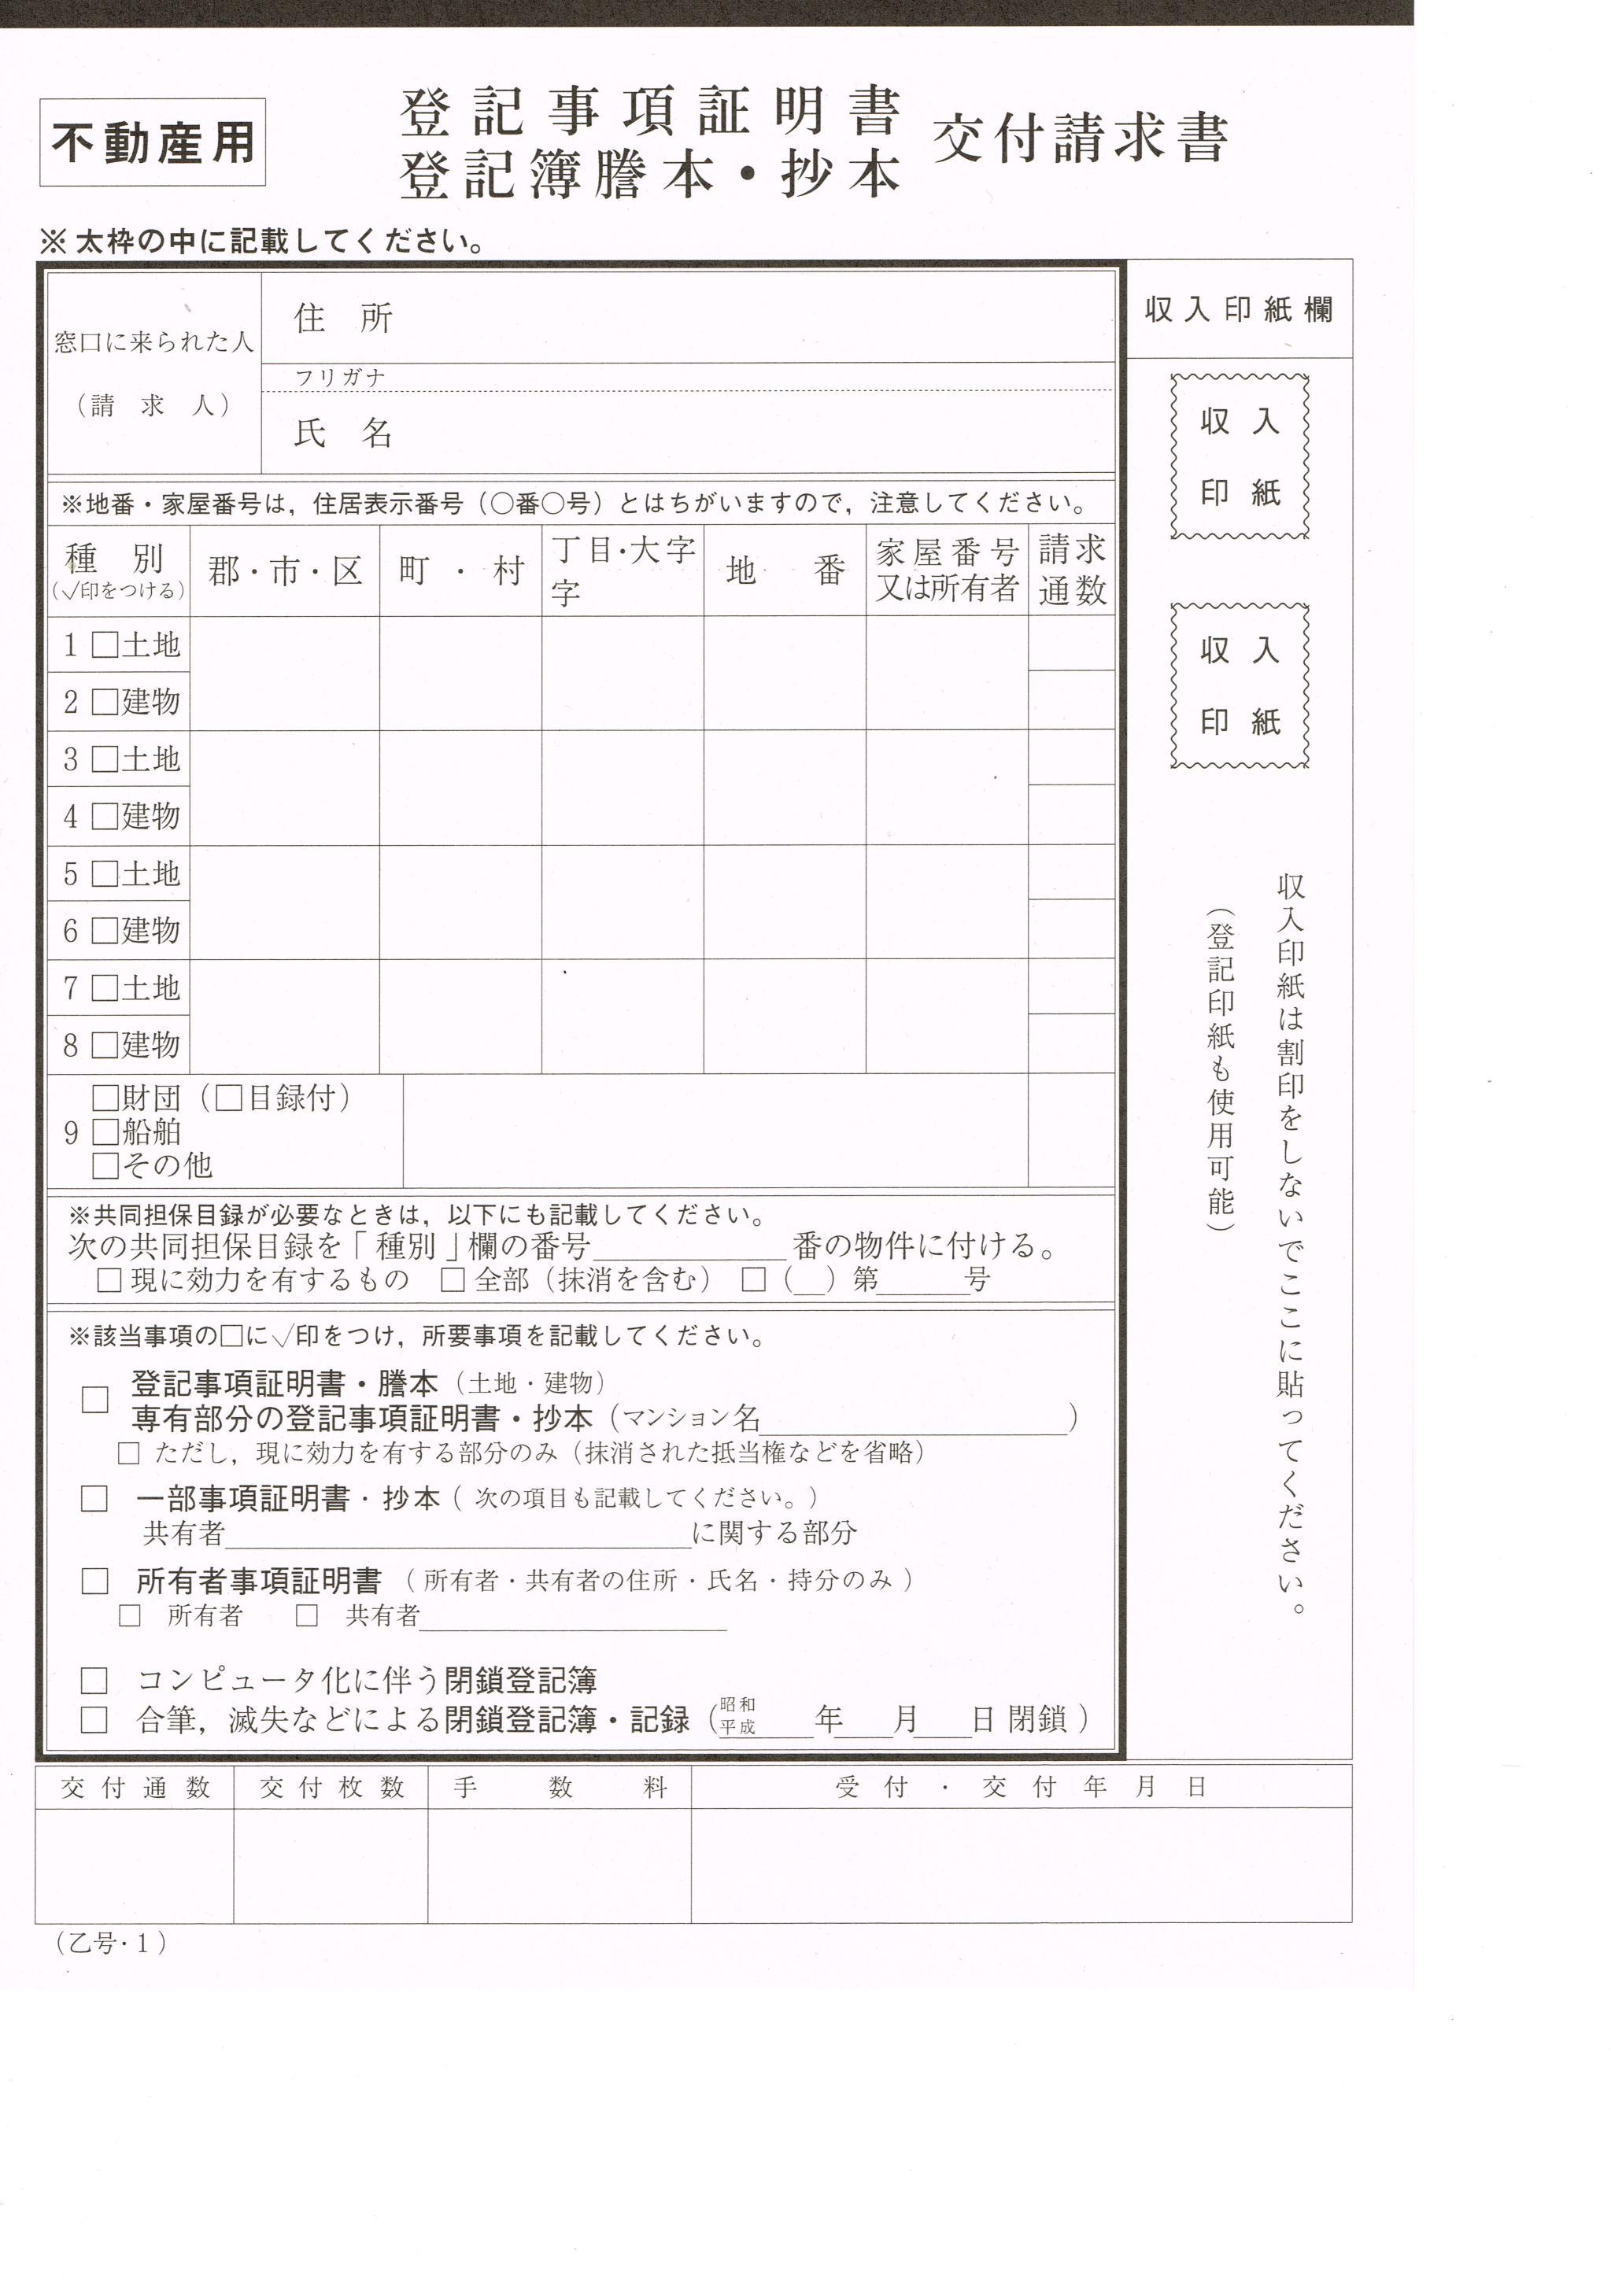 登記事項証明書の申請用紙に記入して窓口に出すだけです。申請用紙は窓口の備え付けられています。 申請用紙の見本は以下のものです。